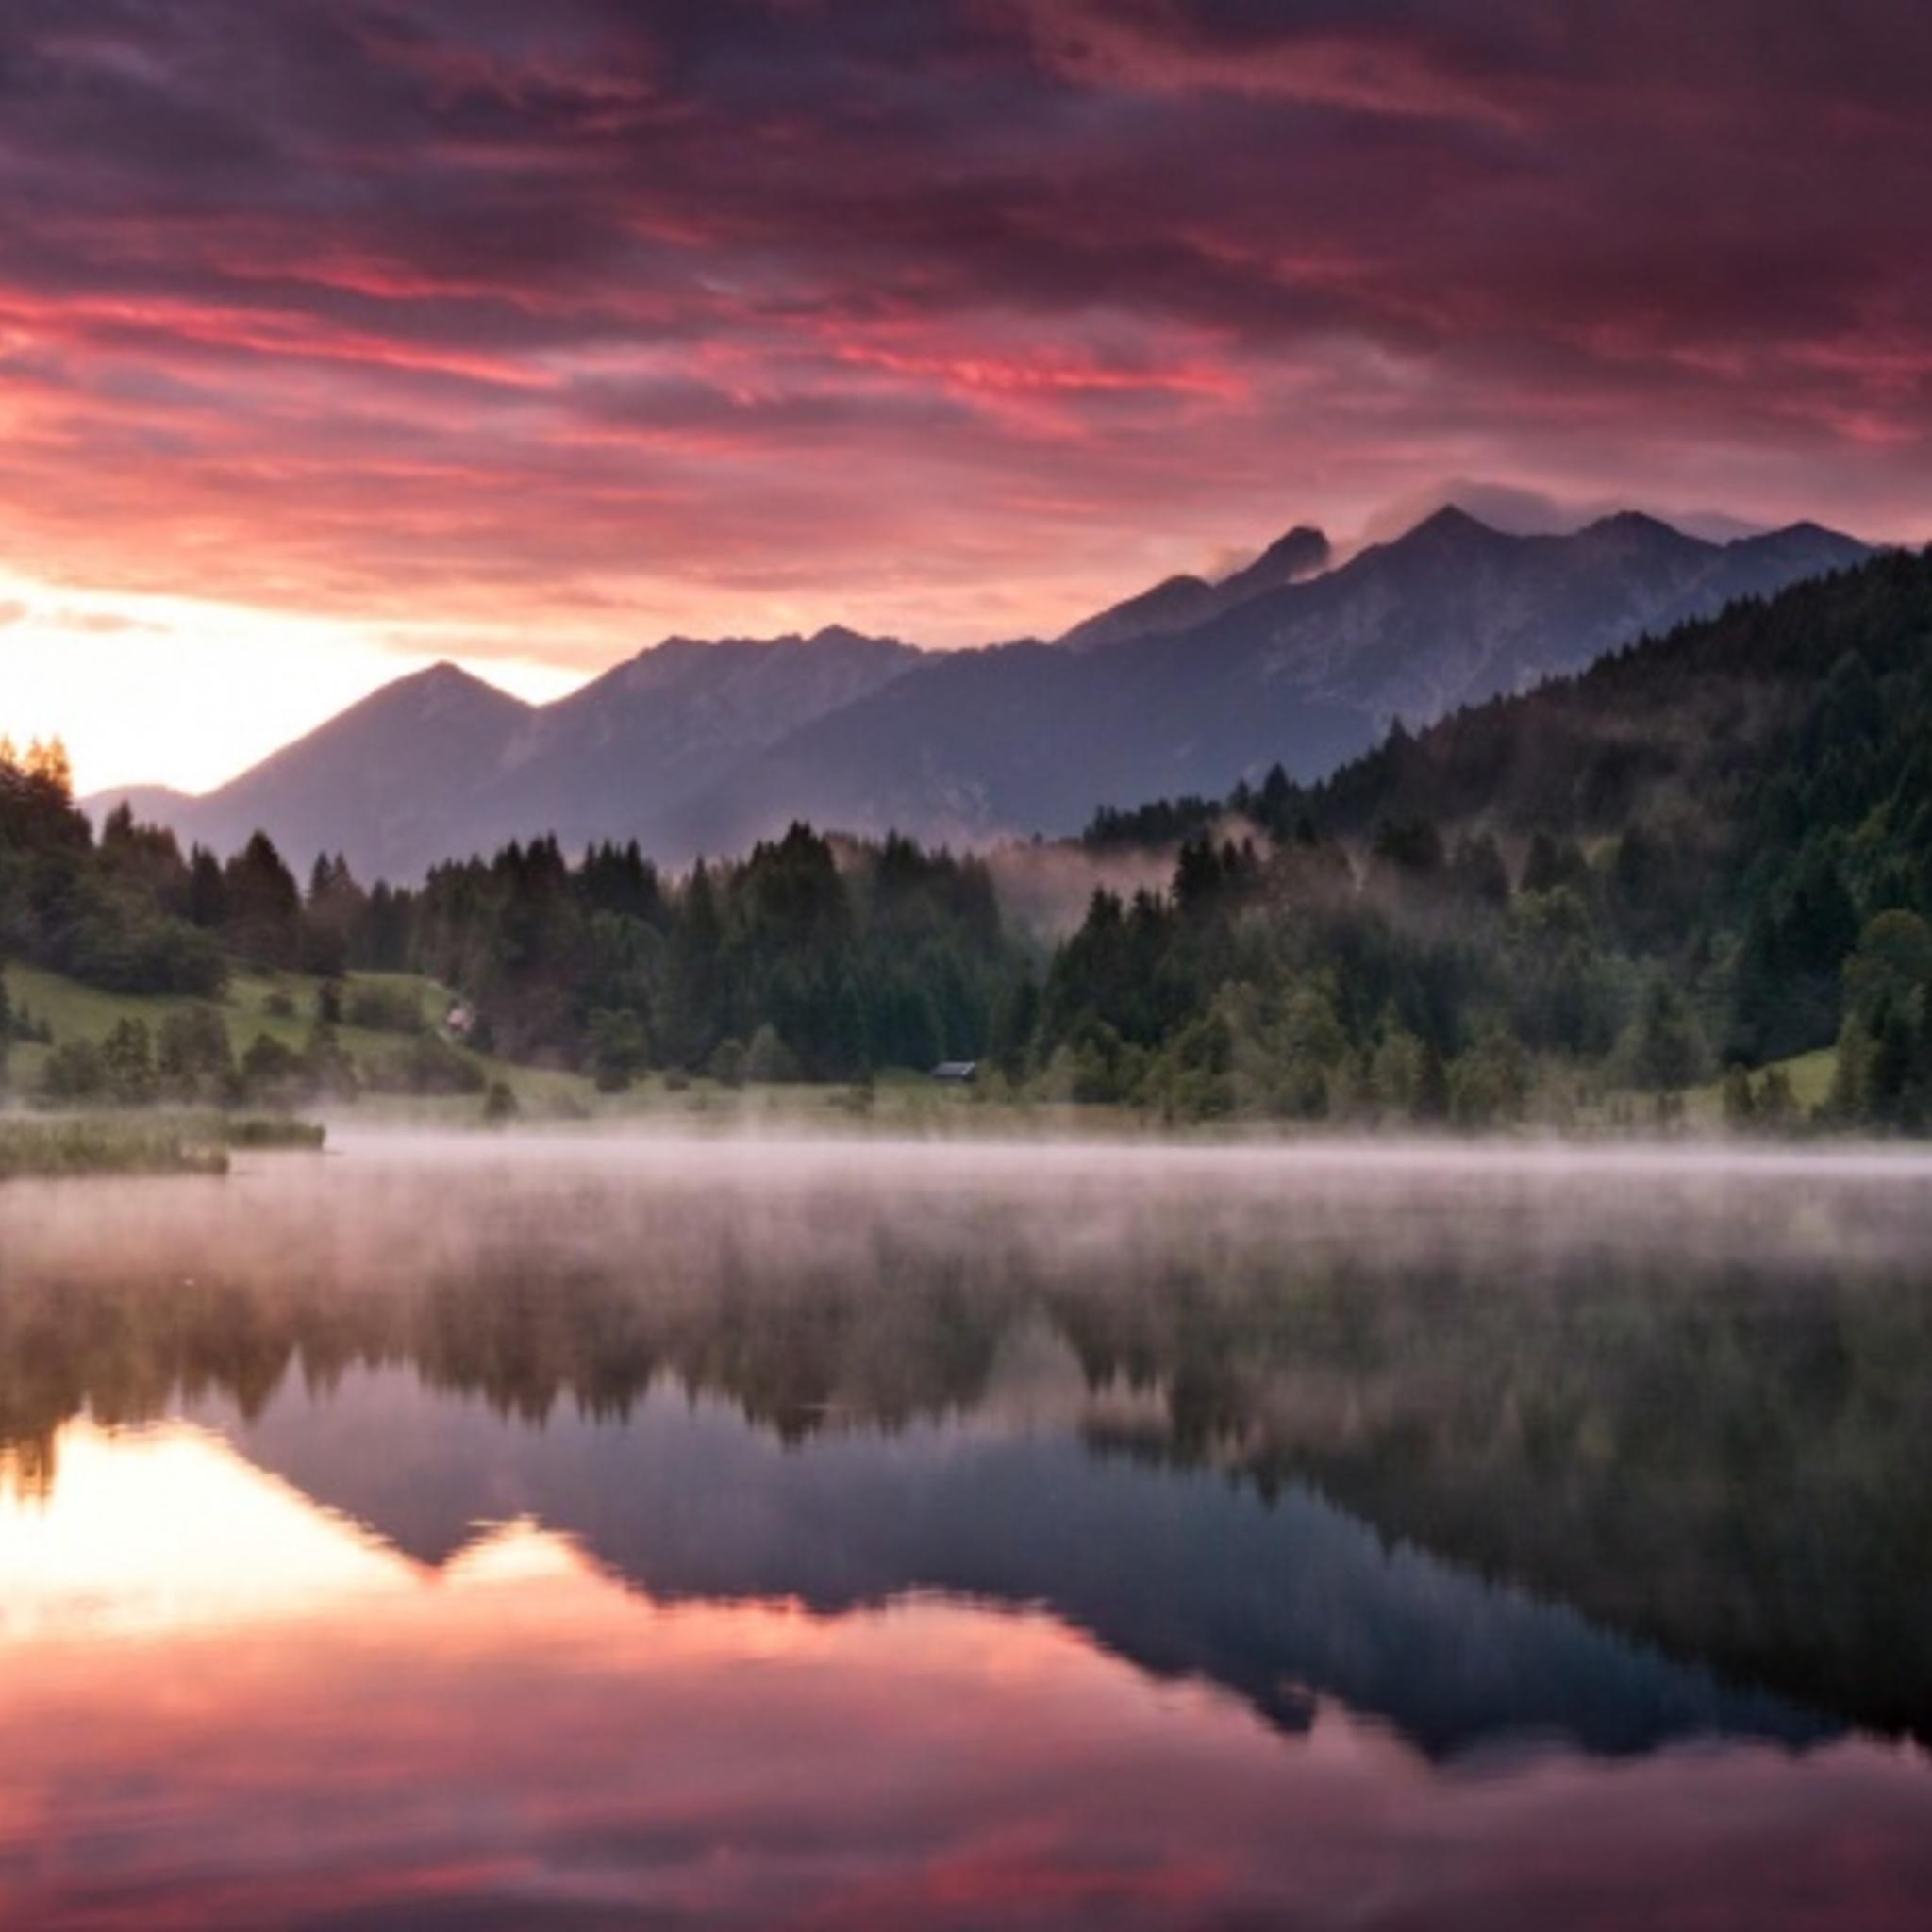 sunset-on-lake.jpg